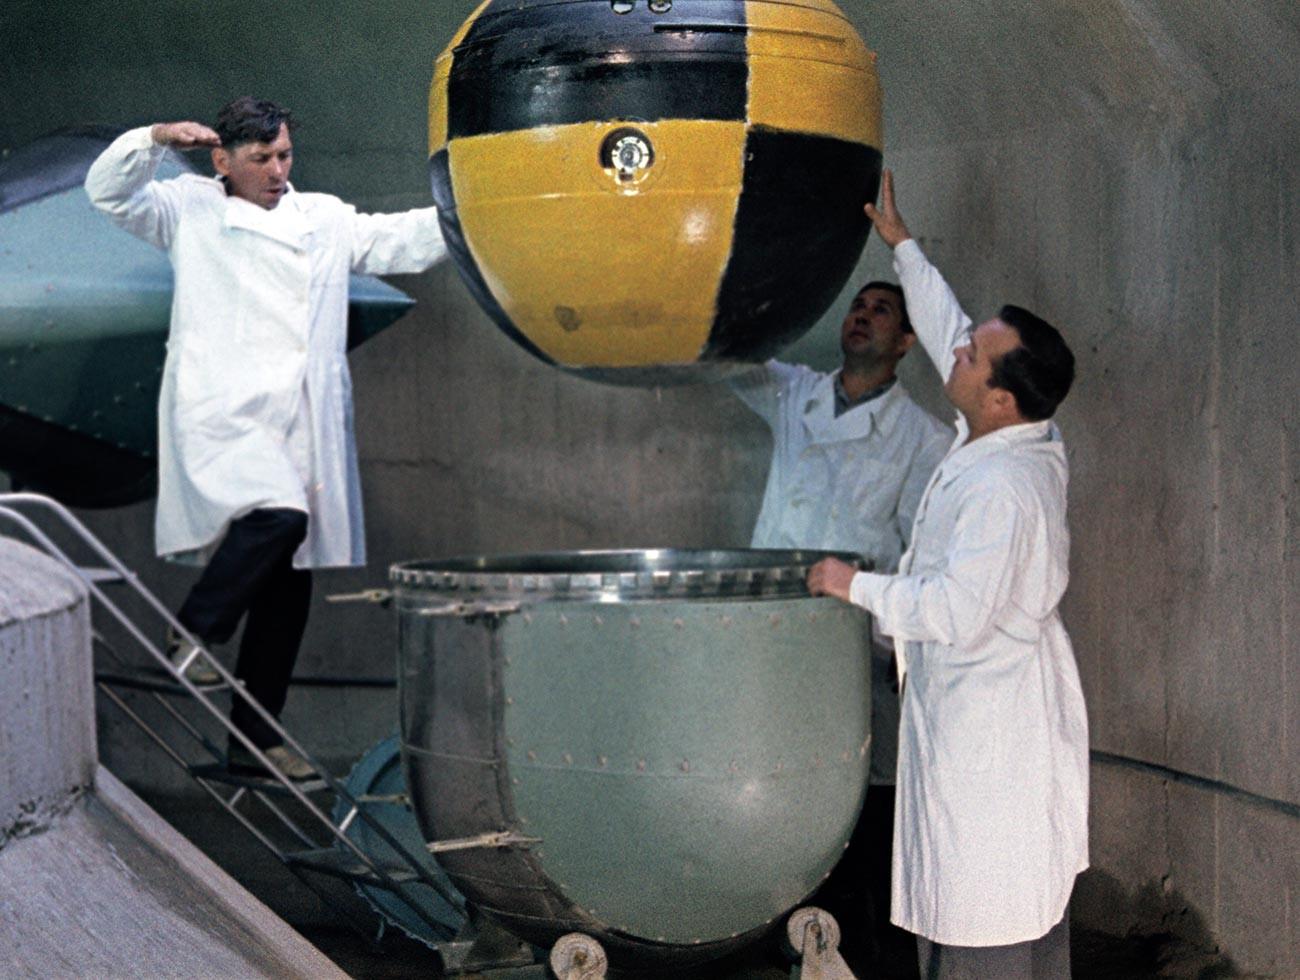 Des chercheurs soviétiques préparent un test de la sonde spatiale Venera